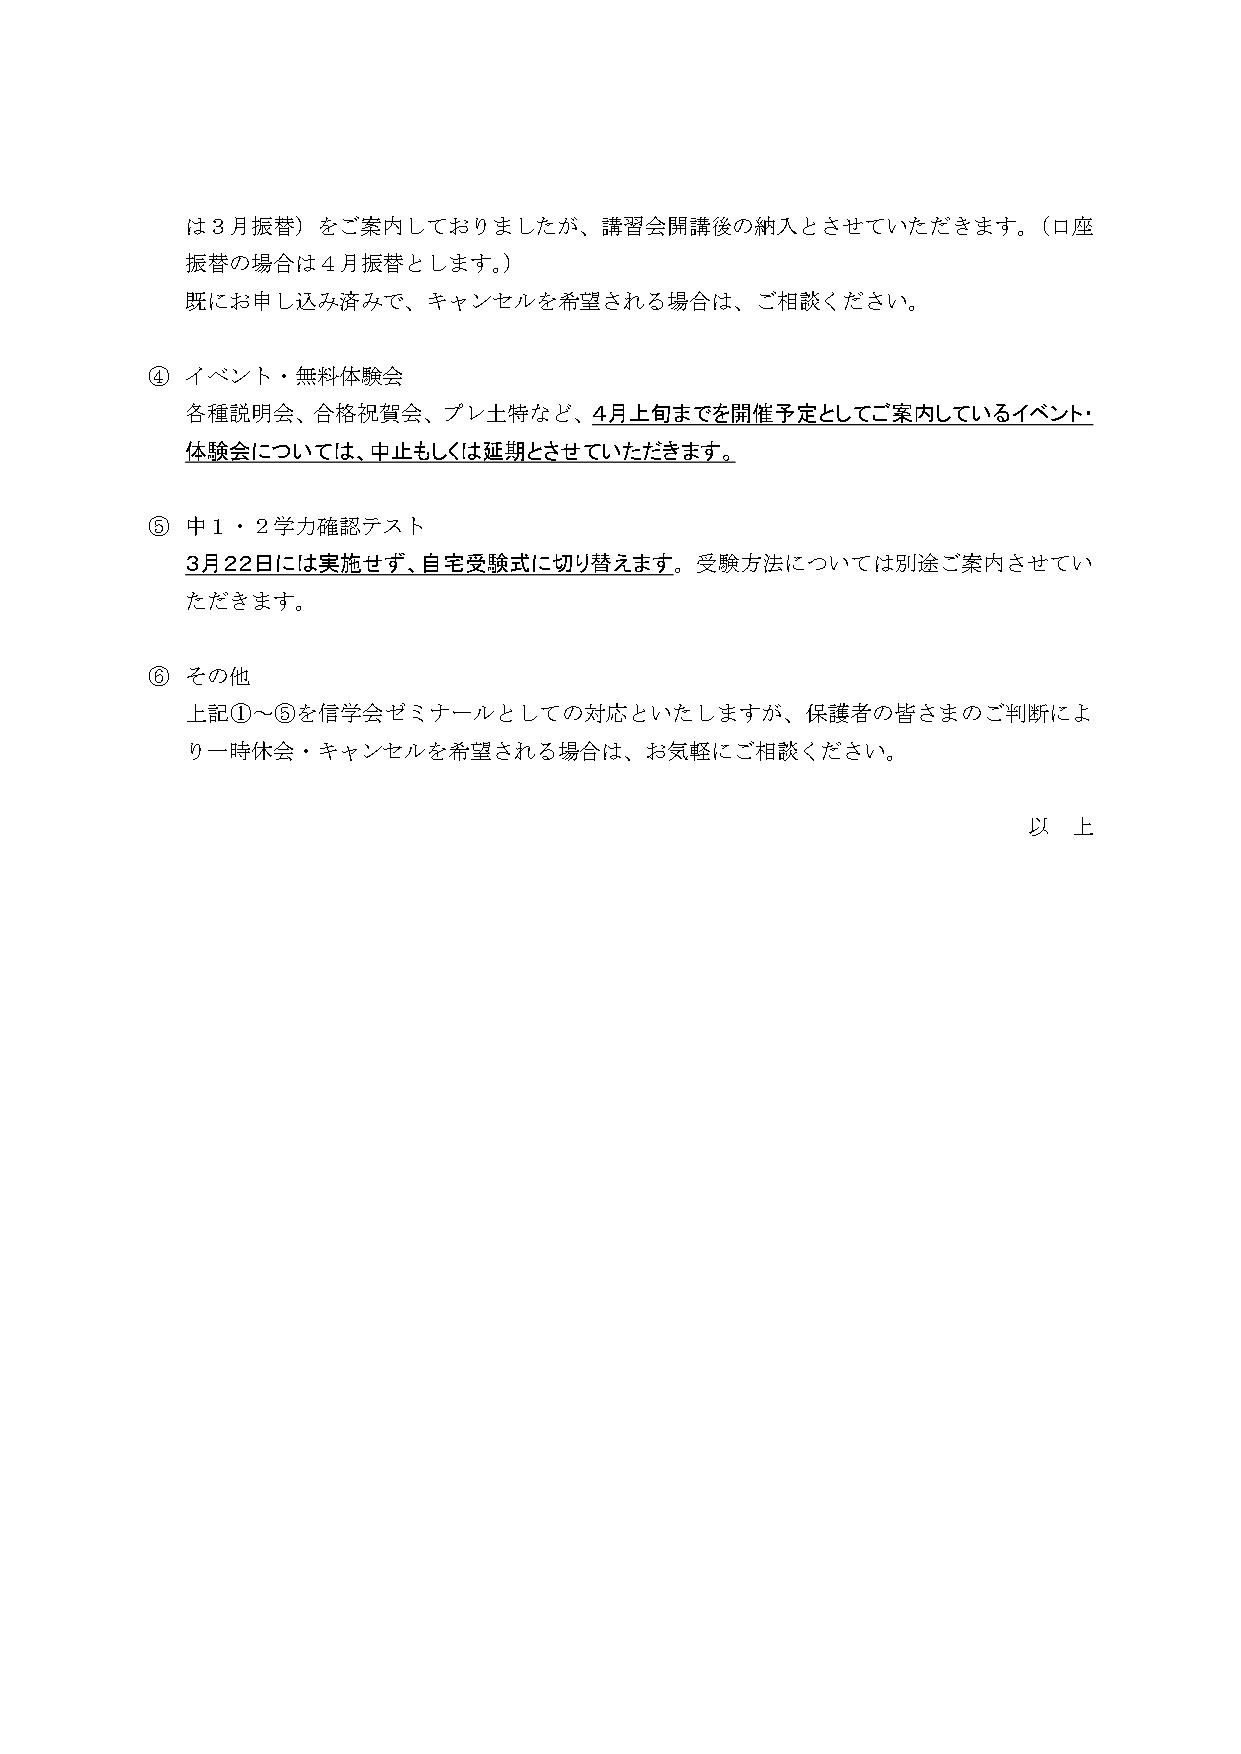 ゼミナールWeb0228_page-0002